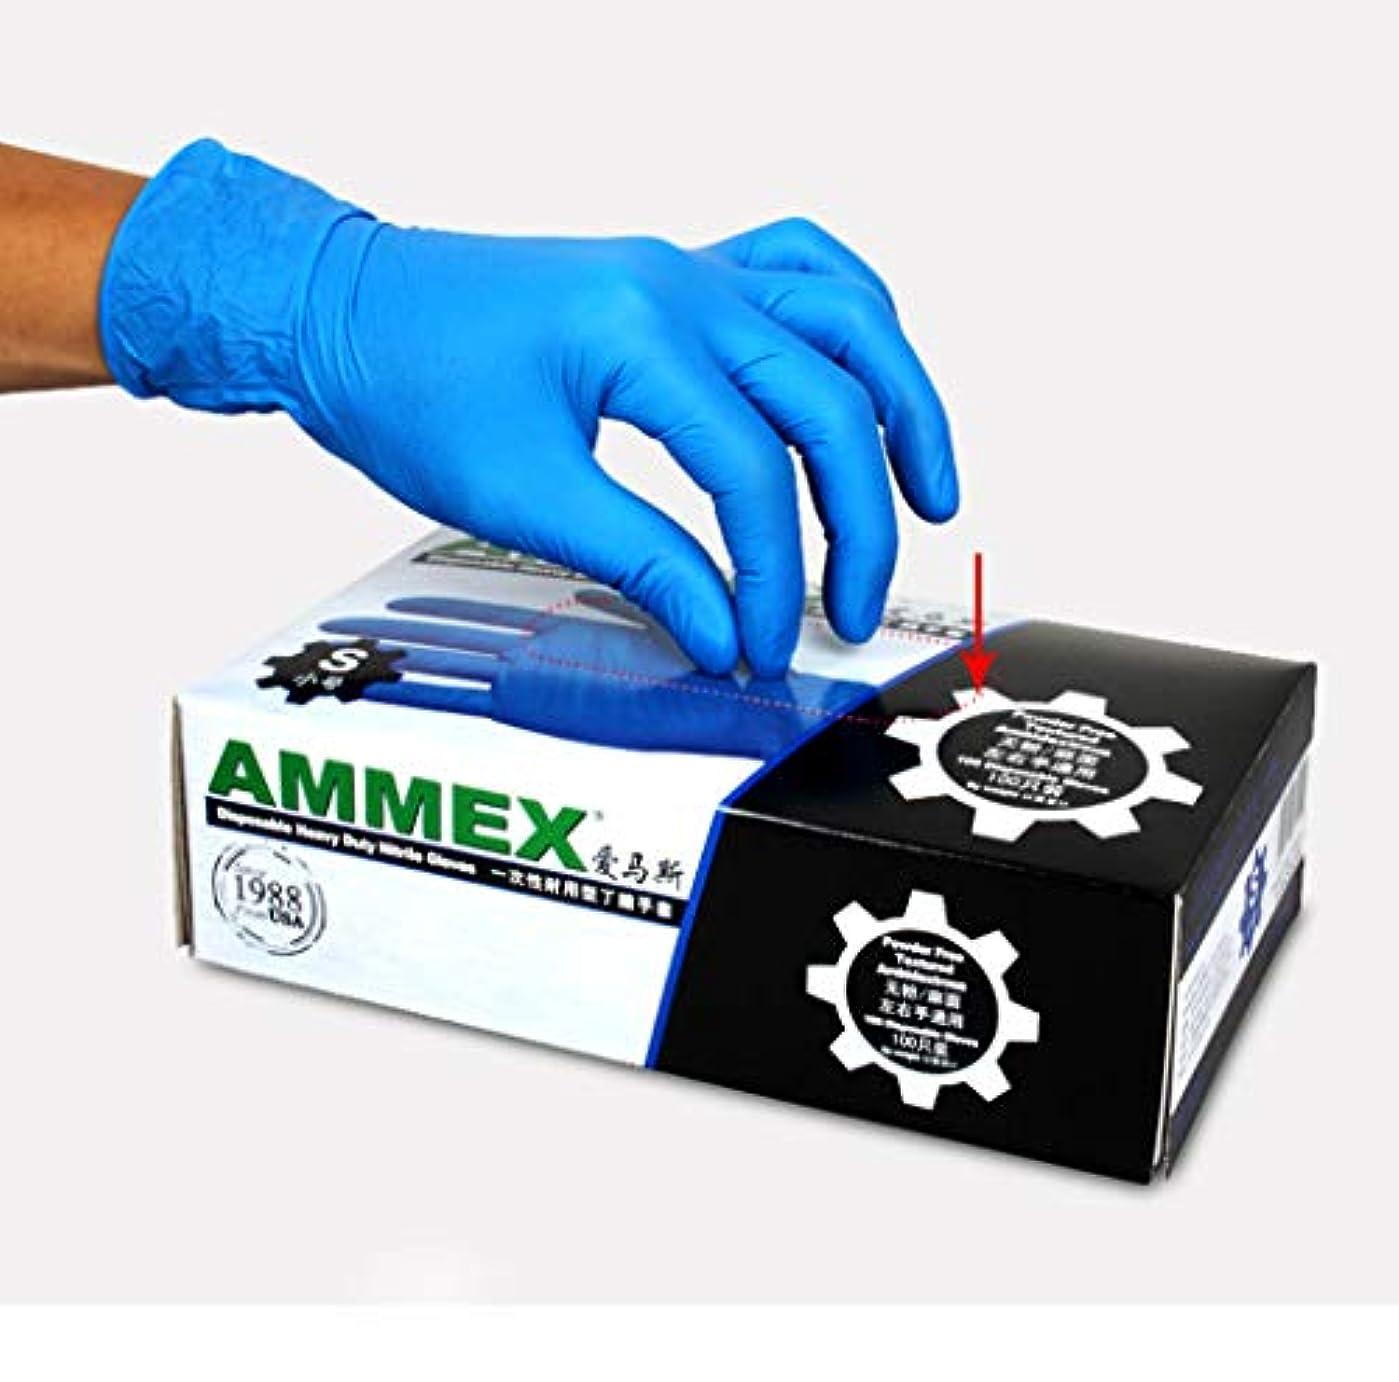 モーテル弱い冷酷な使い捨て手袋、粉末フリー、食品グレードの手袋、青、ラテックスフリー、手袋、100 / Box,L100/Box